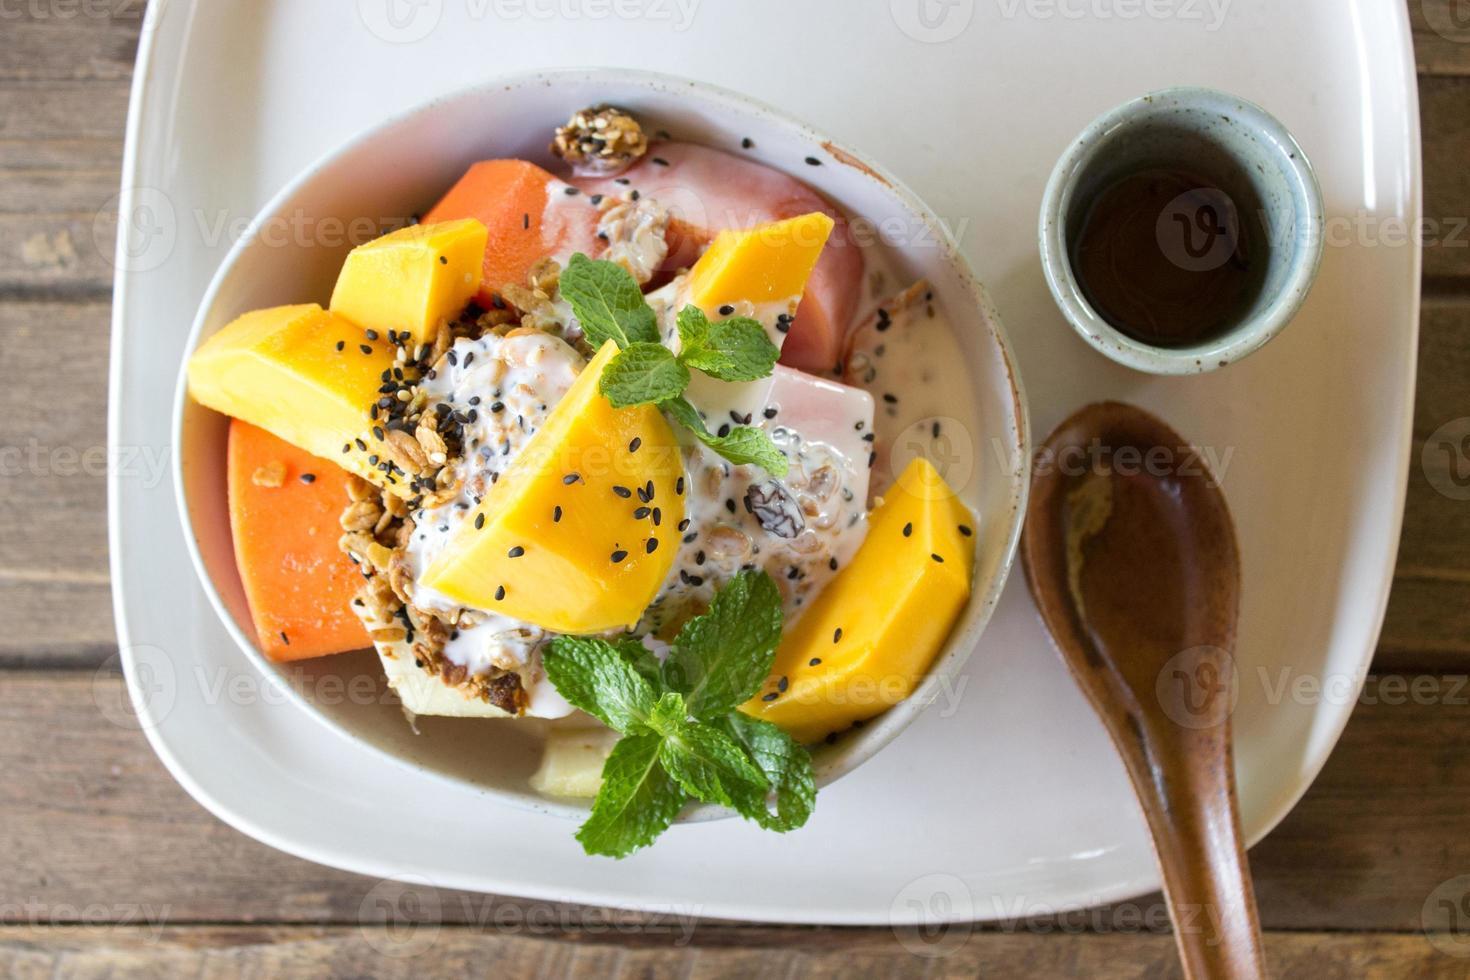 Ensalada de frutas exóticas con muesli y yogurt foto